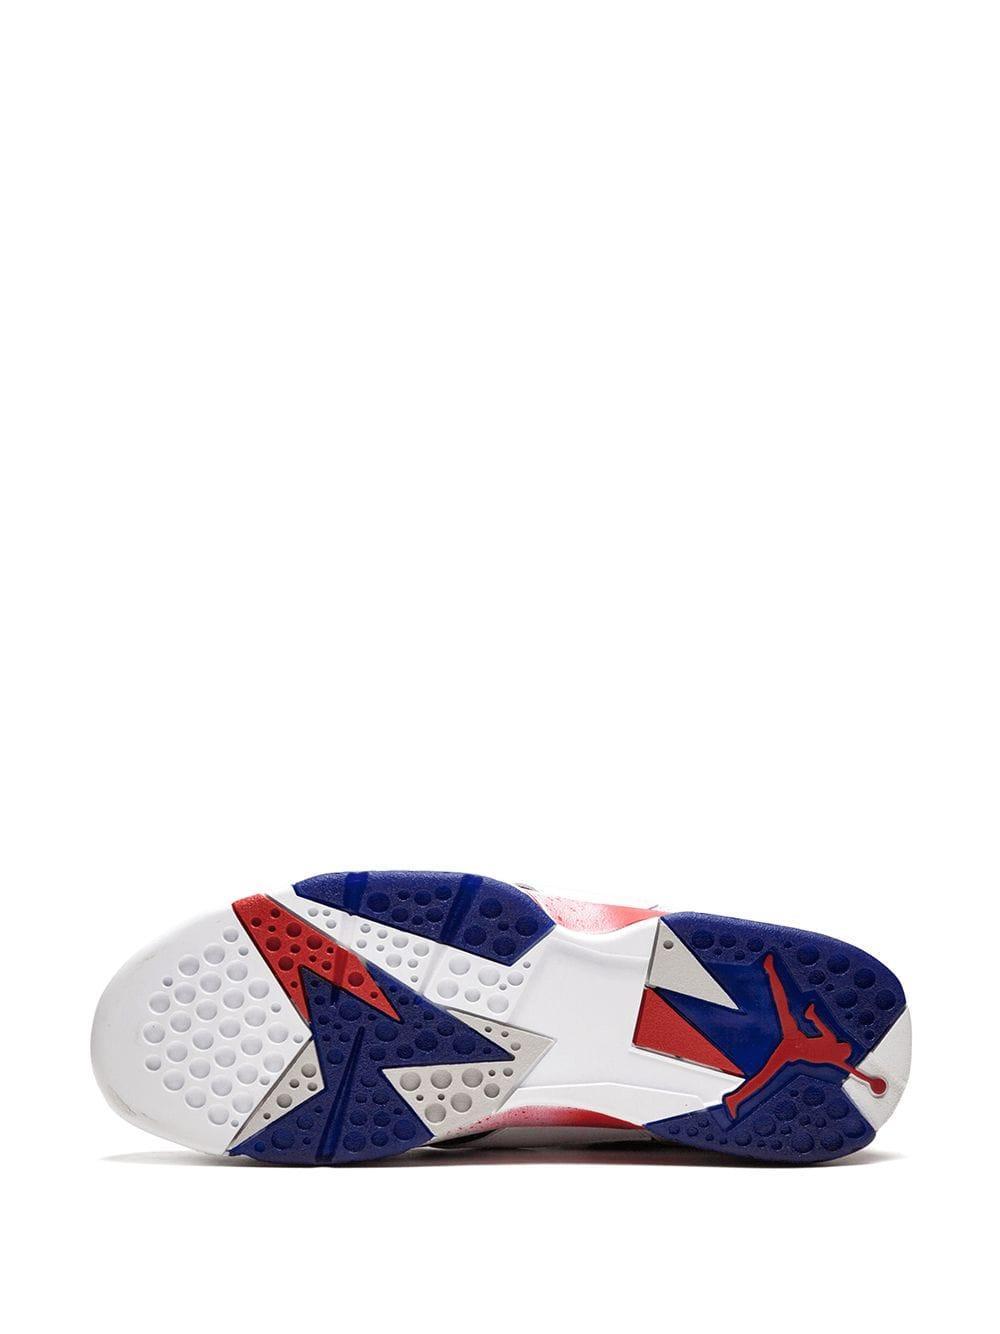 Zapatillas Air 7 Retro Nike de Caucho de color Blanco para hombre